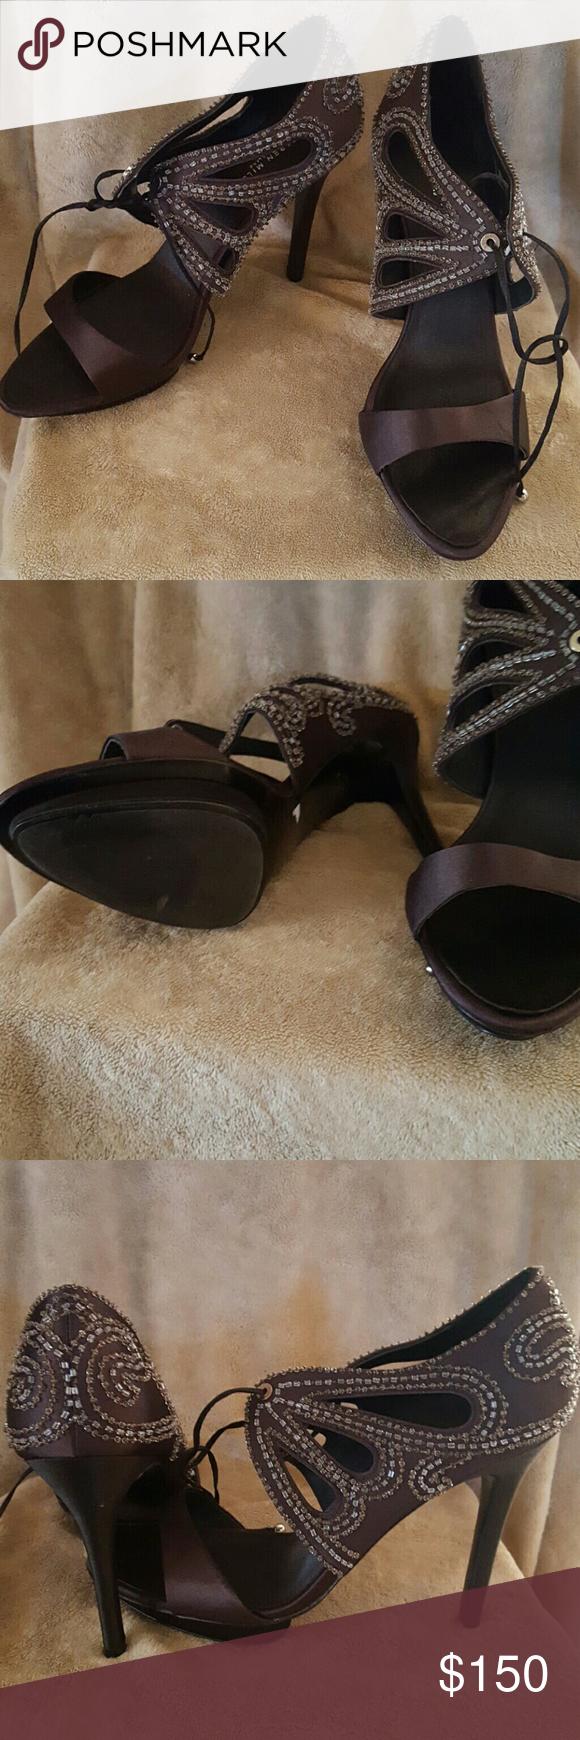 Never used. Excellent condition Beaded shoes. Never worn Karen Millen Shoes Heels